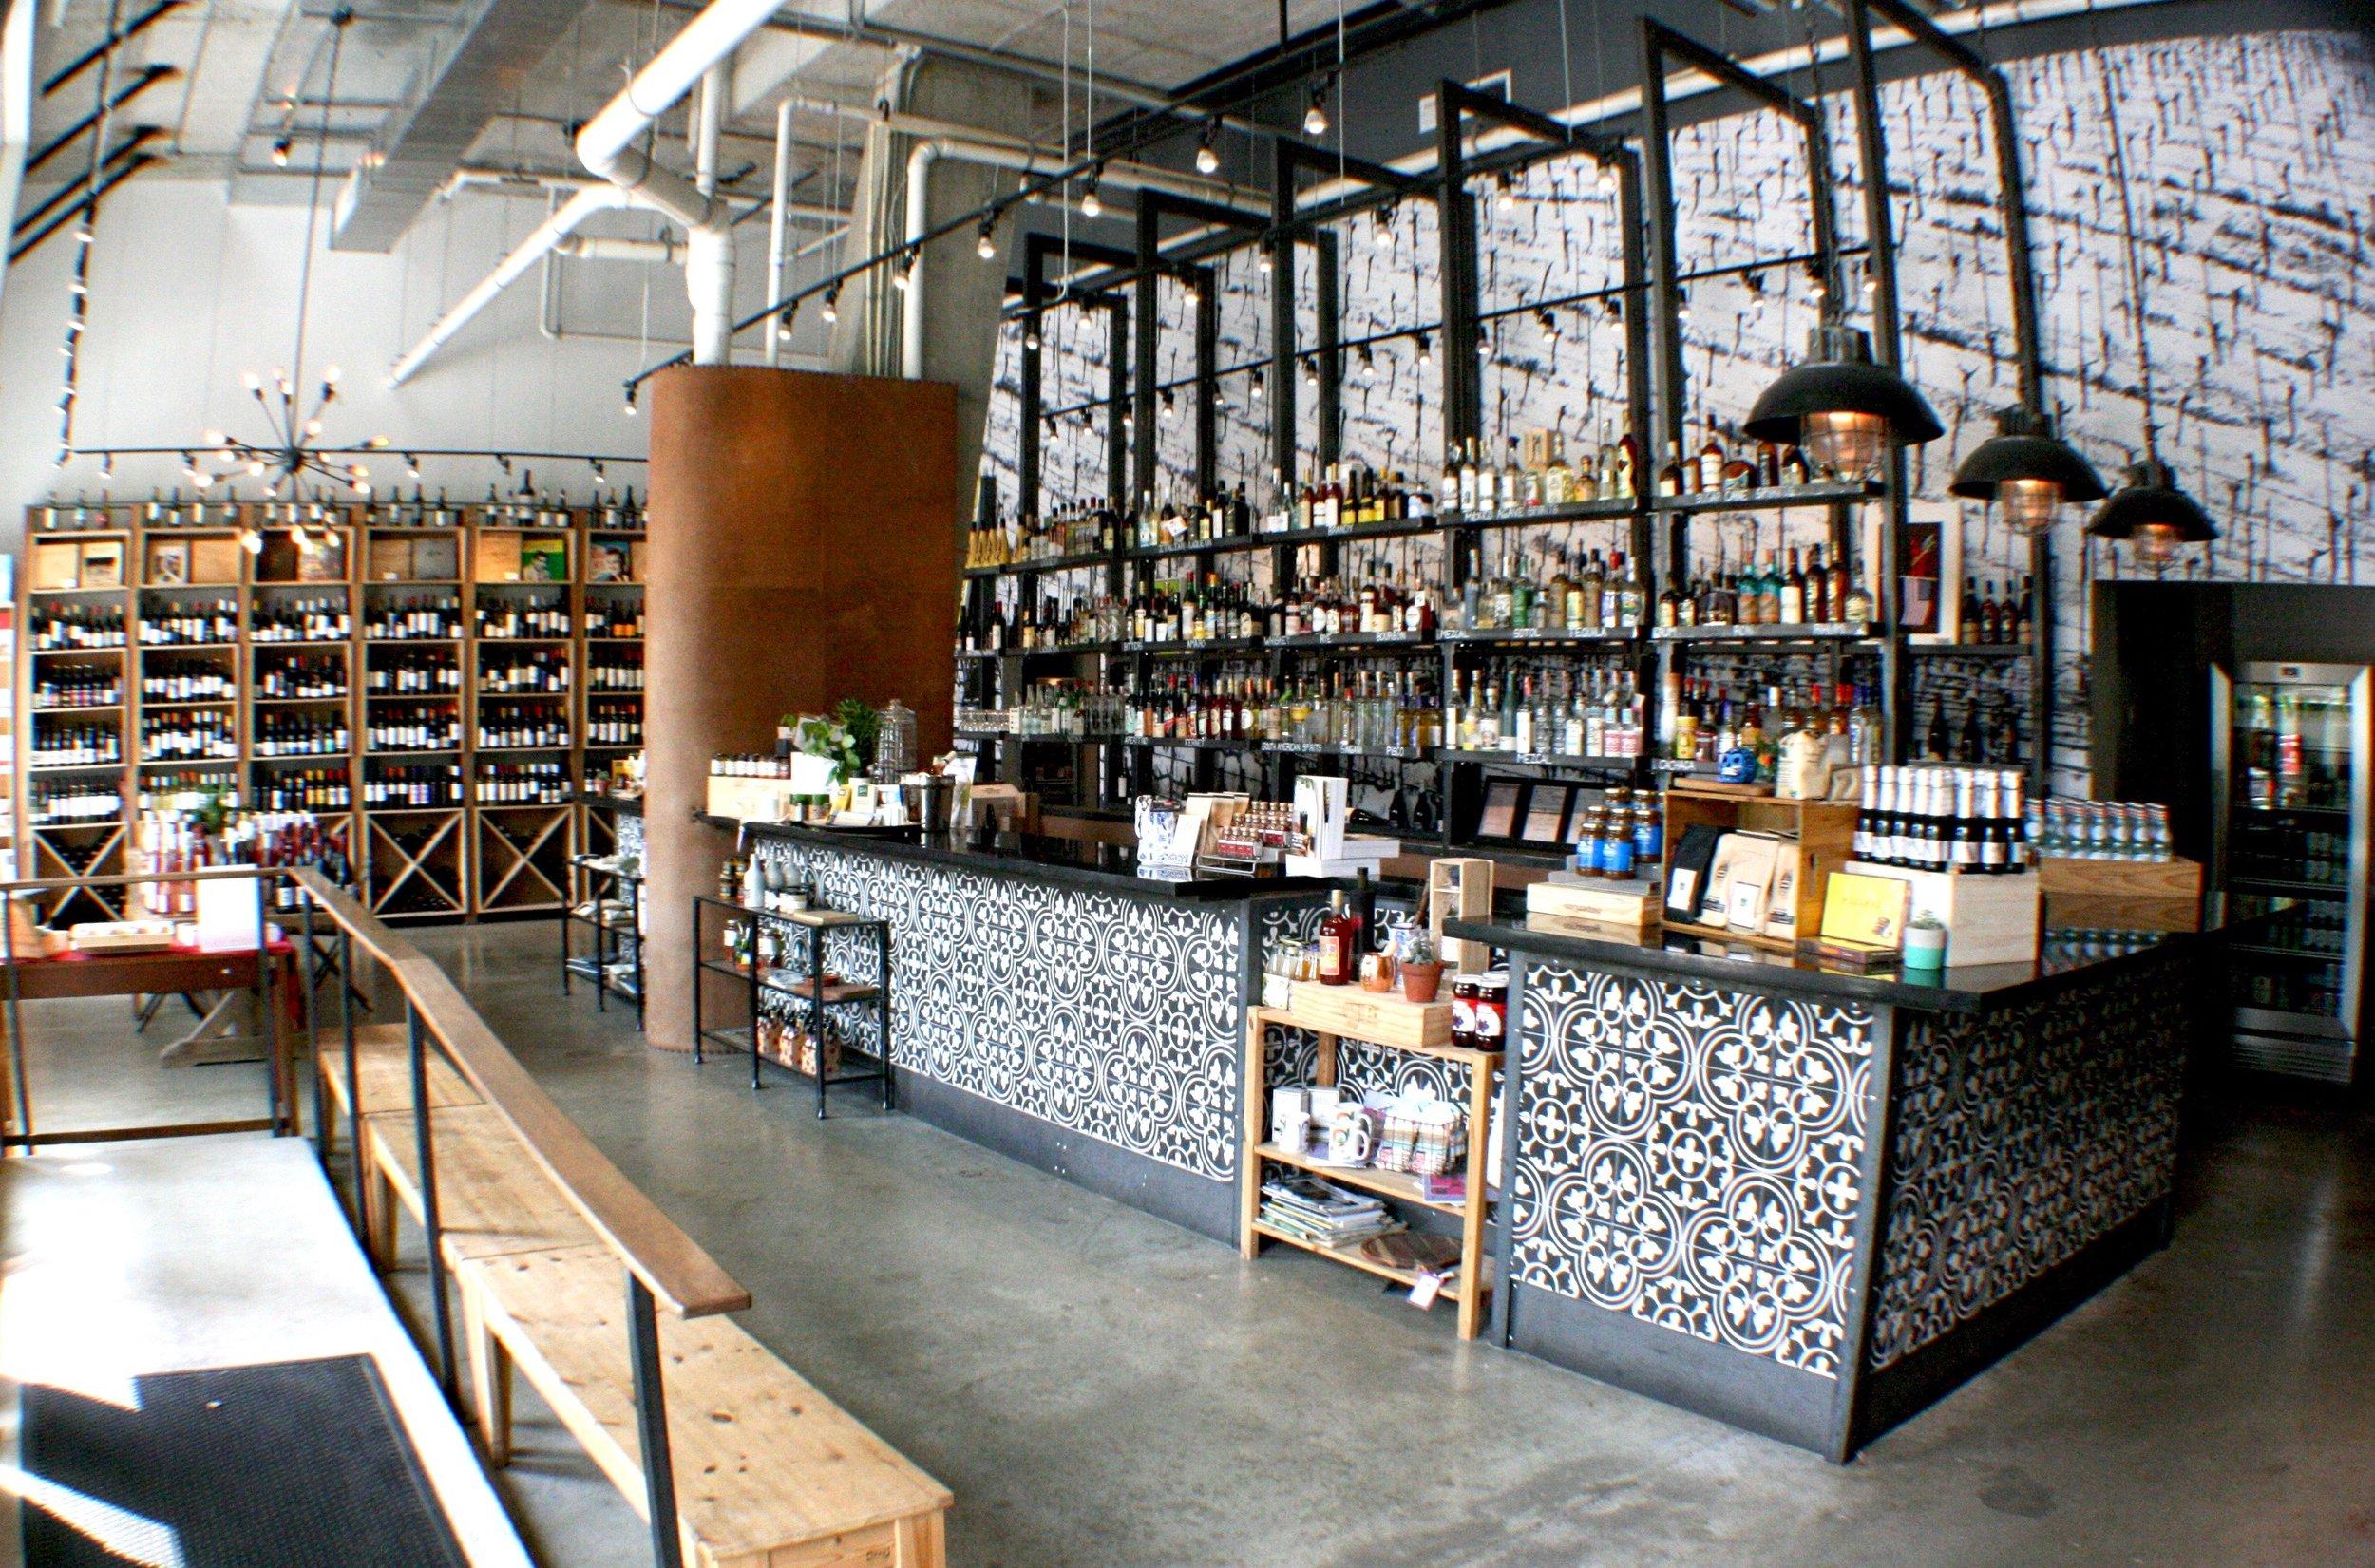 grand cata latin wine shop in dc